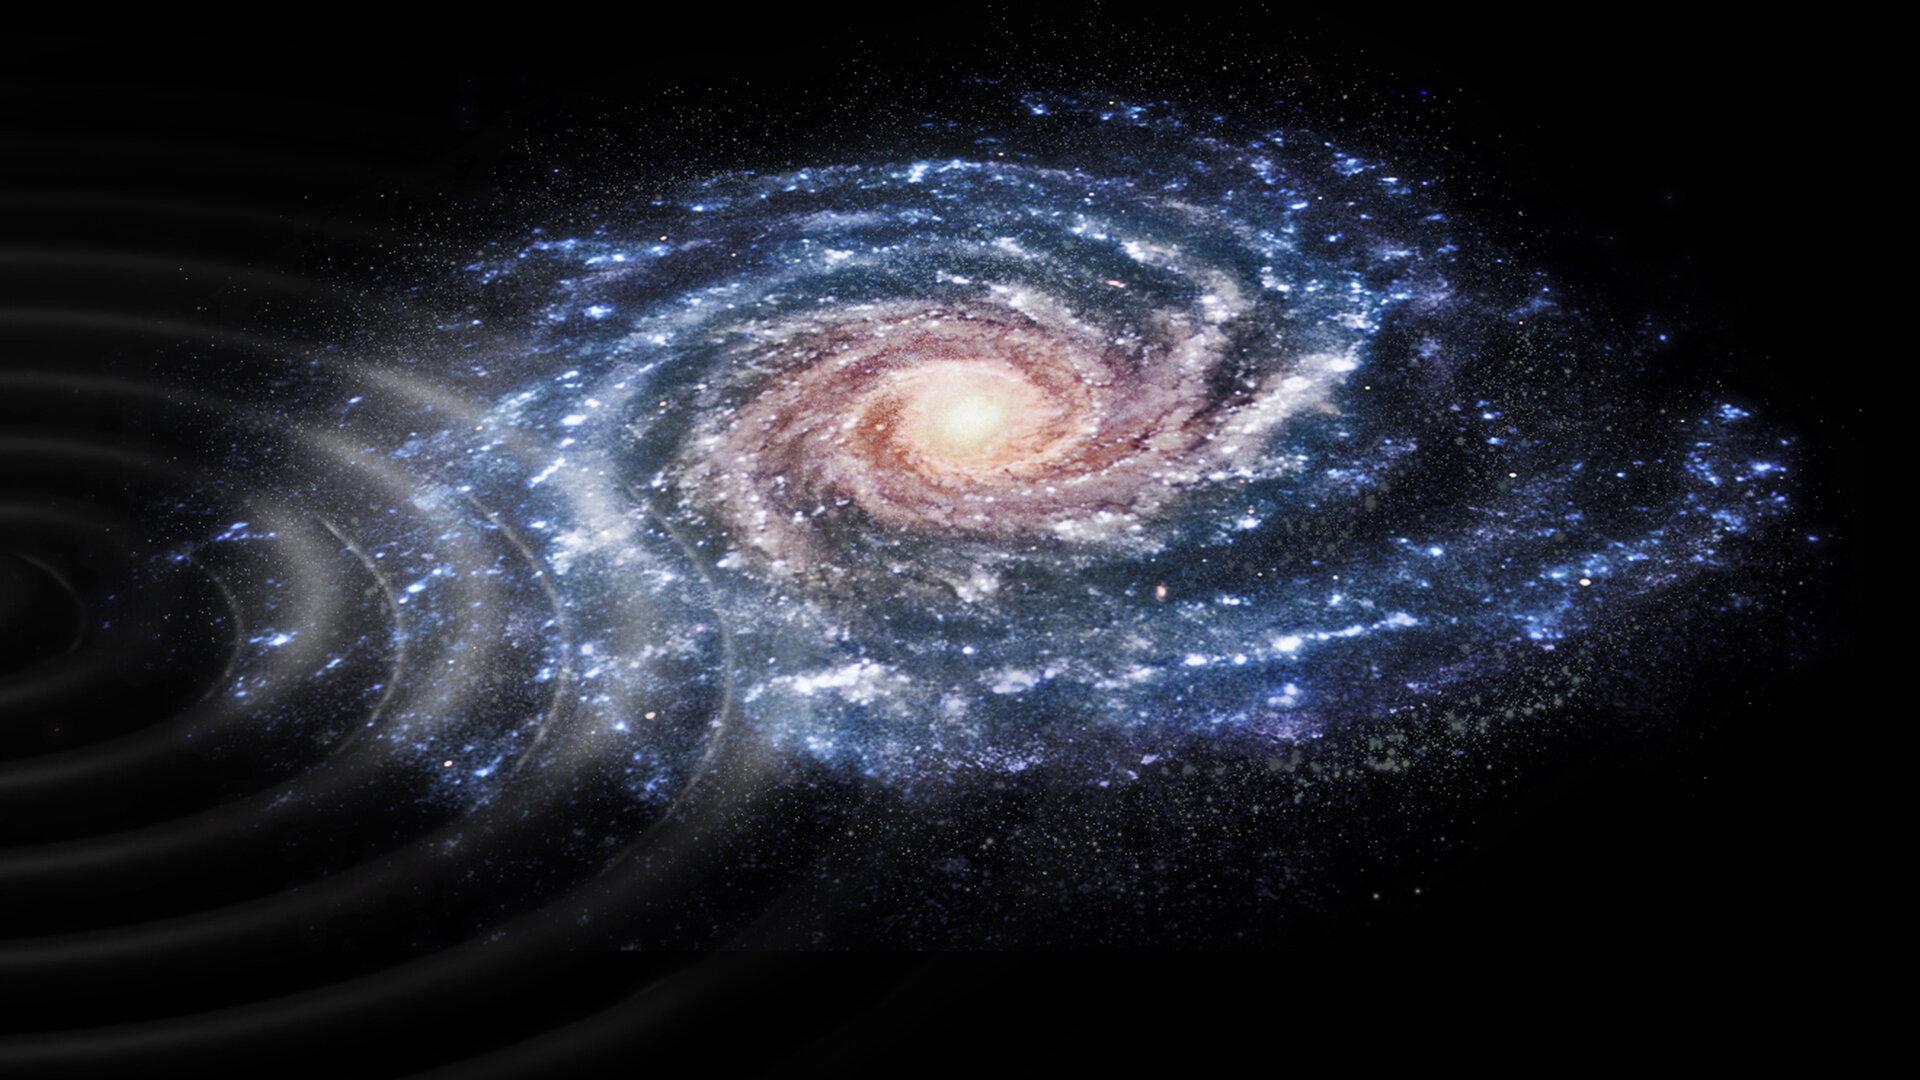 Ijesztő bejelentés: gyűrődni kezdett a galaxisunk, a tudósok rájöttek, hogy miért...